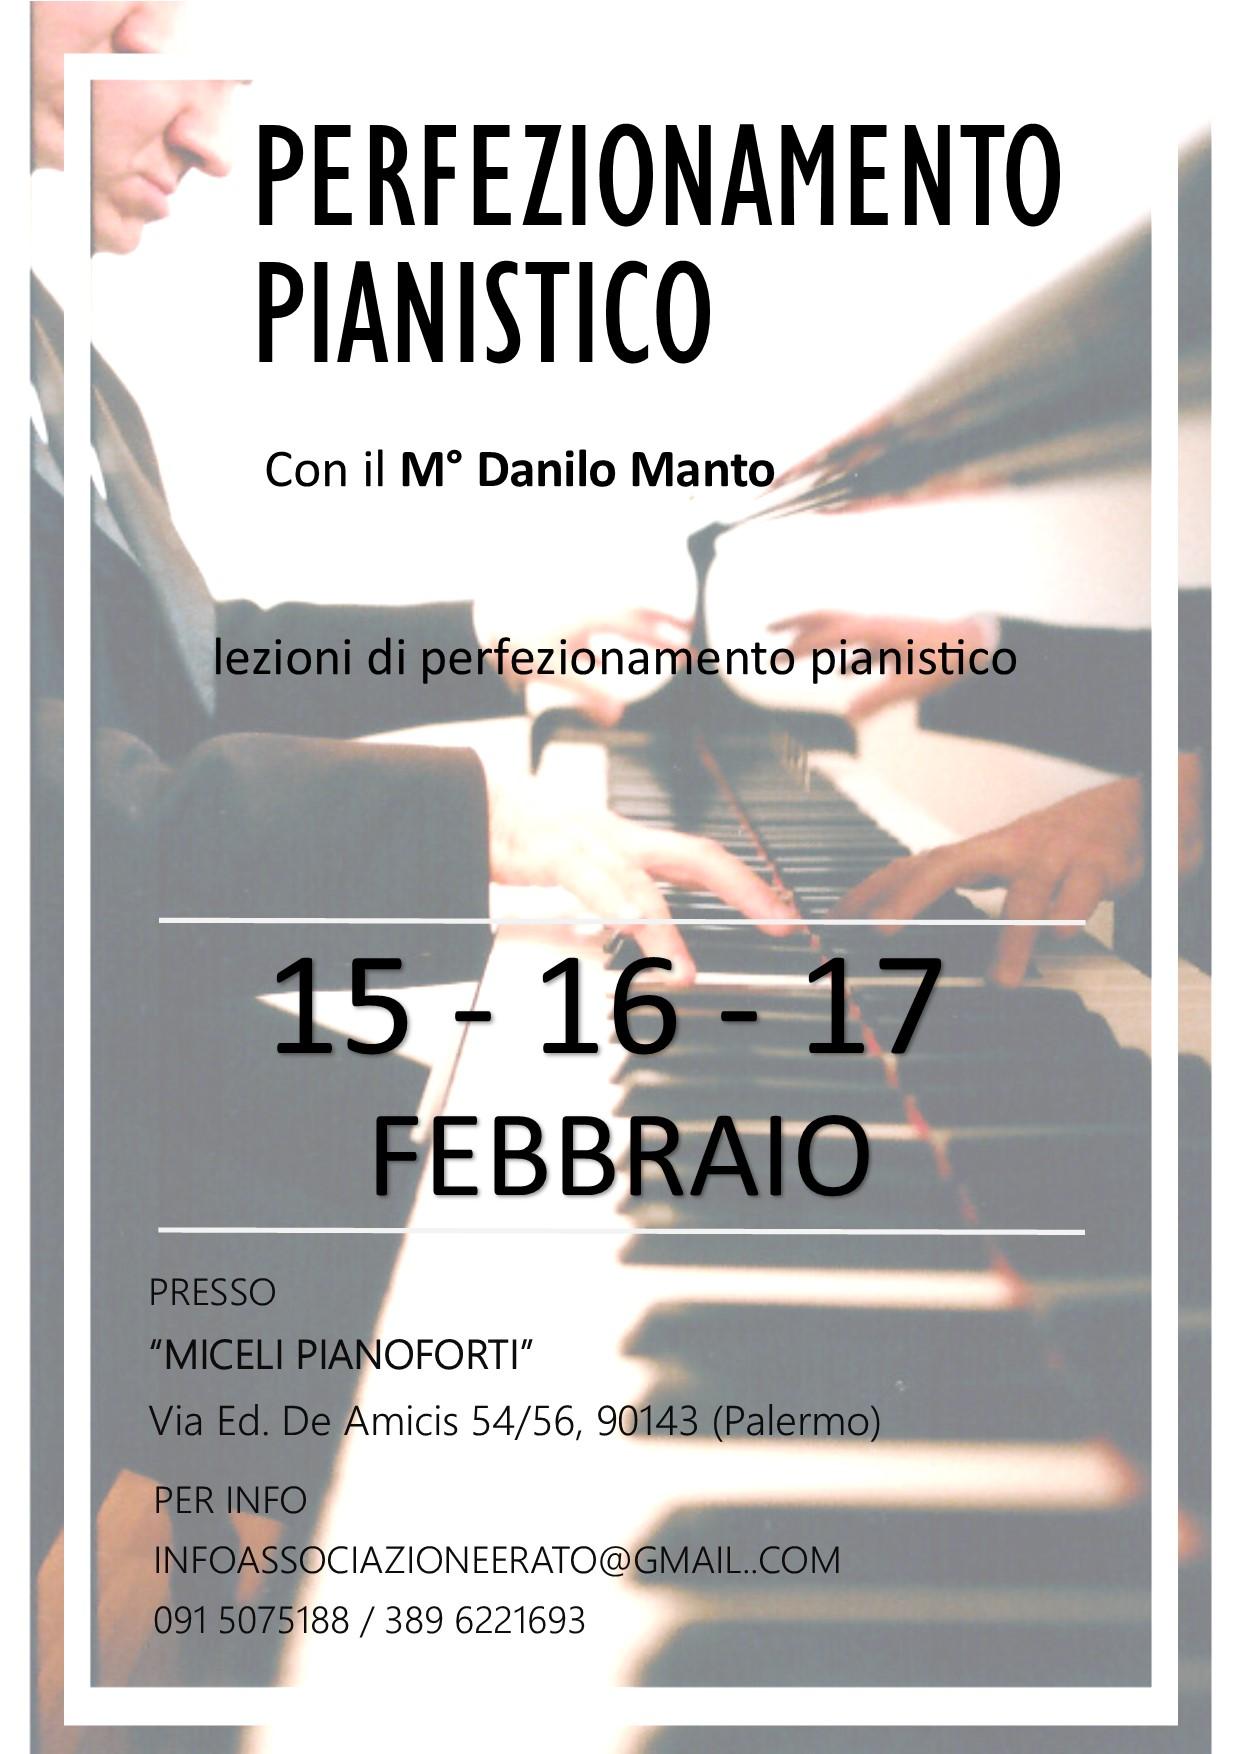 PERFEZIONAMENTO PIANISTICO